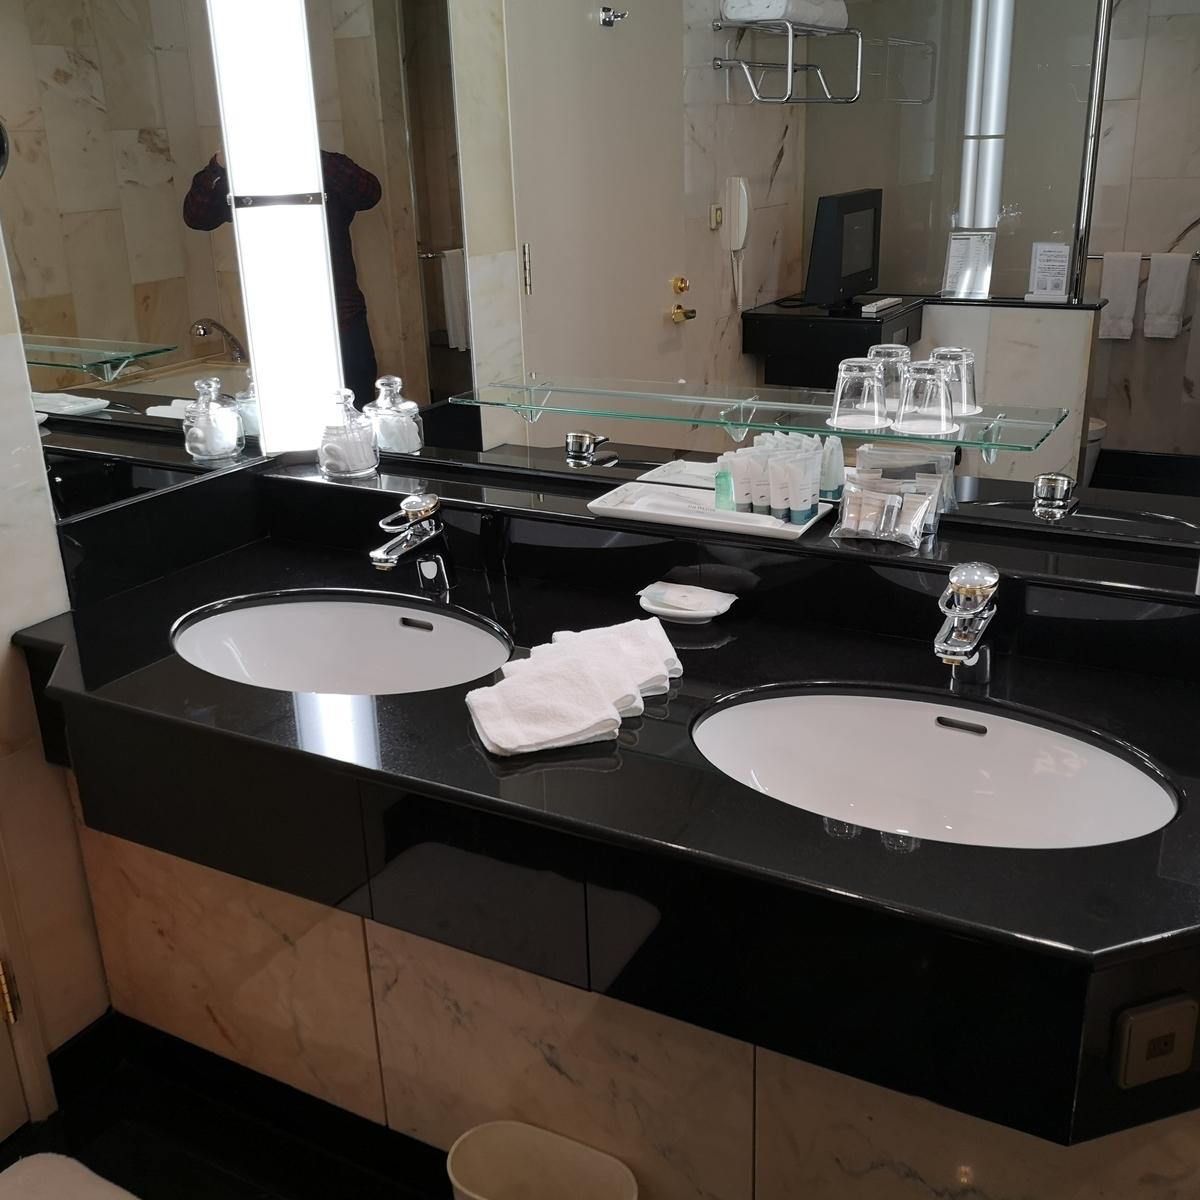 ウェスティンホテル大阪 エグゼクティブスイート バスルーム 洗面台